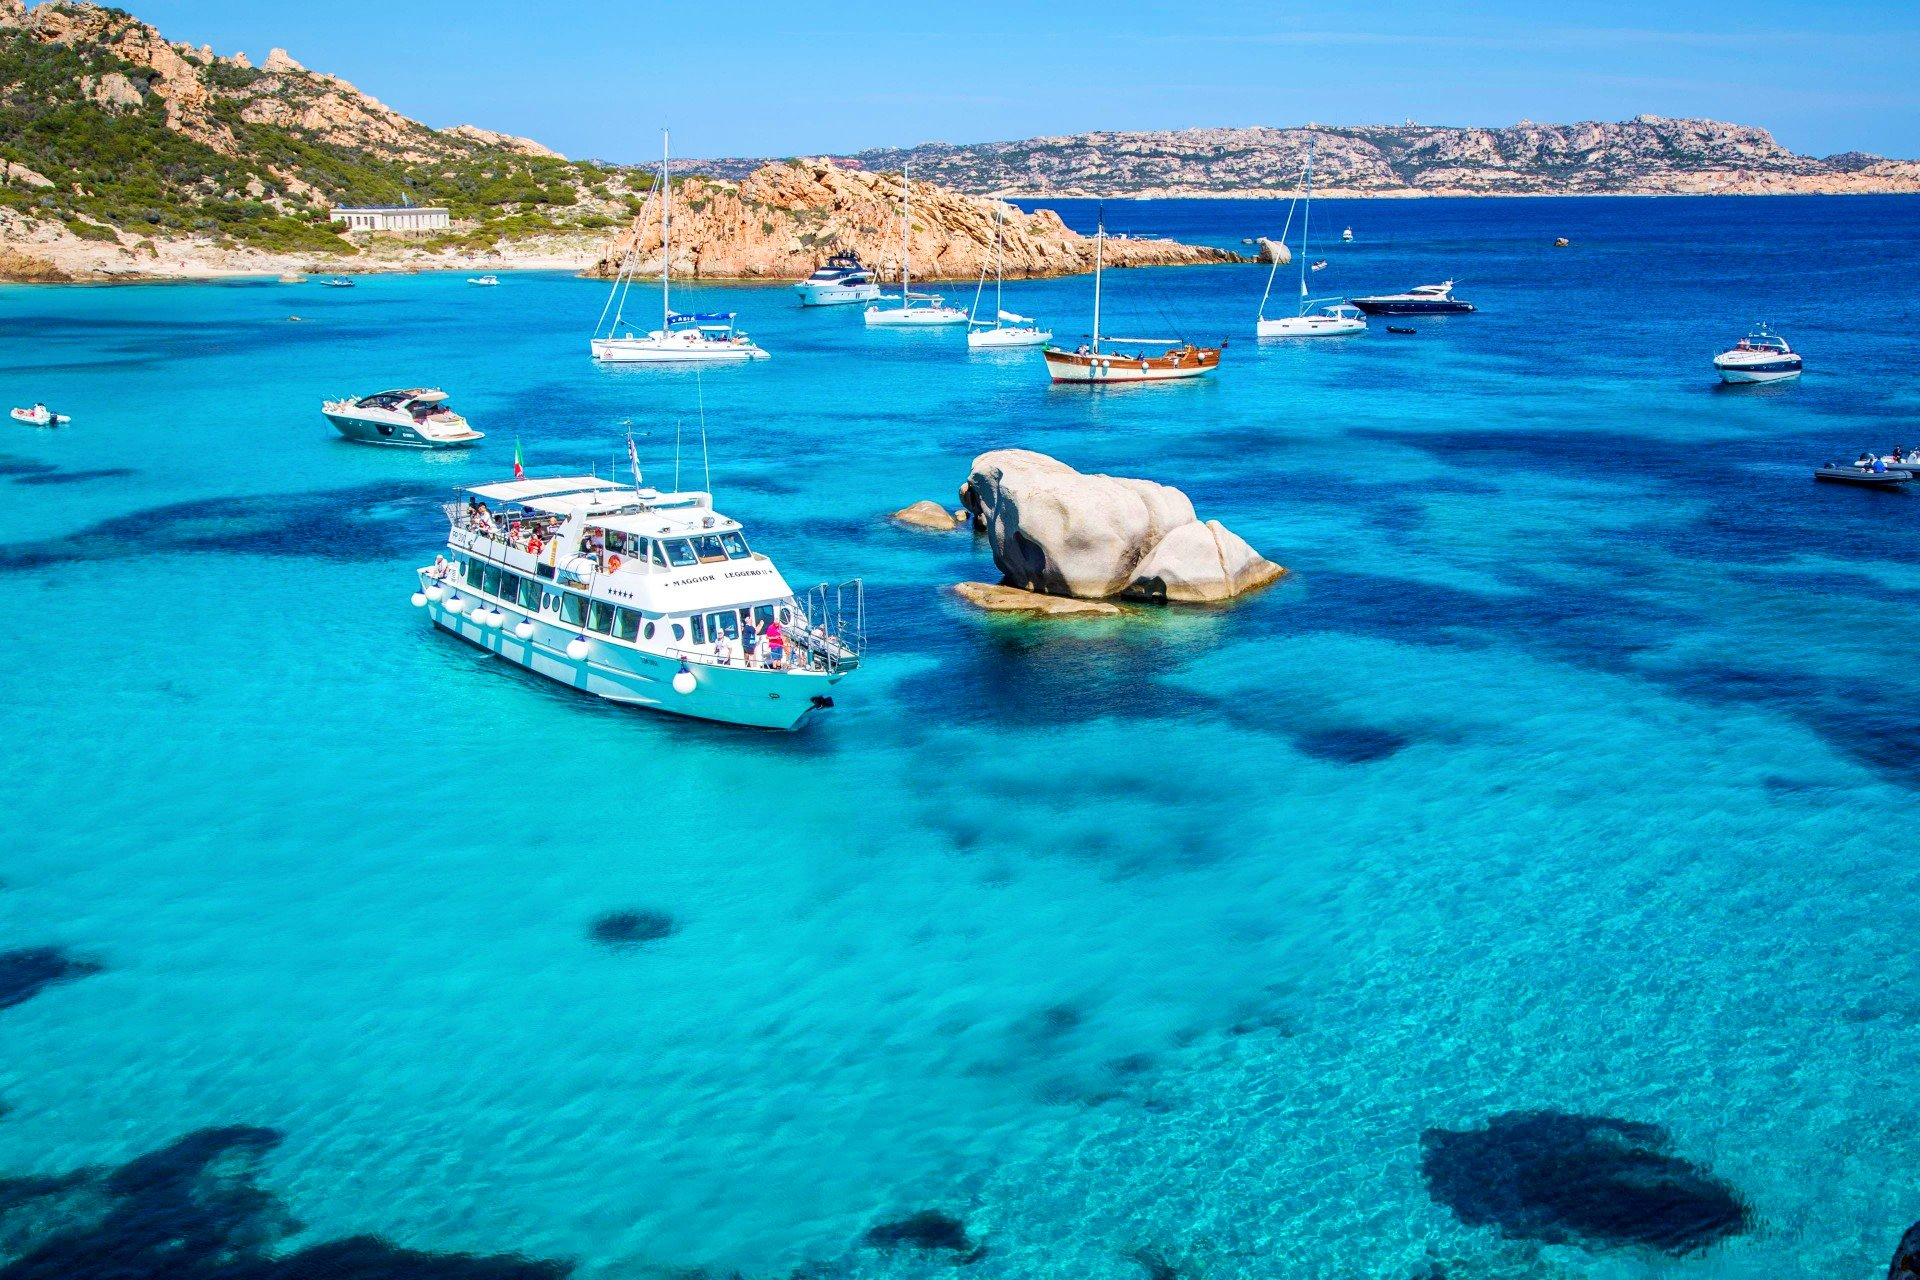 La barca Maggior Leggero mostra ai turisti la meravigliosa costa dell'arcipelago di La Maddalena durante un giro in barca di gruppo.